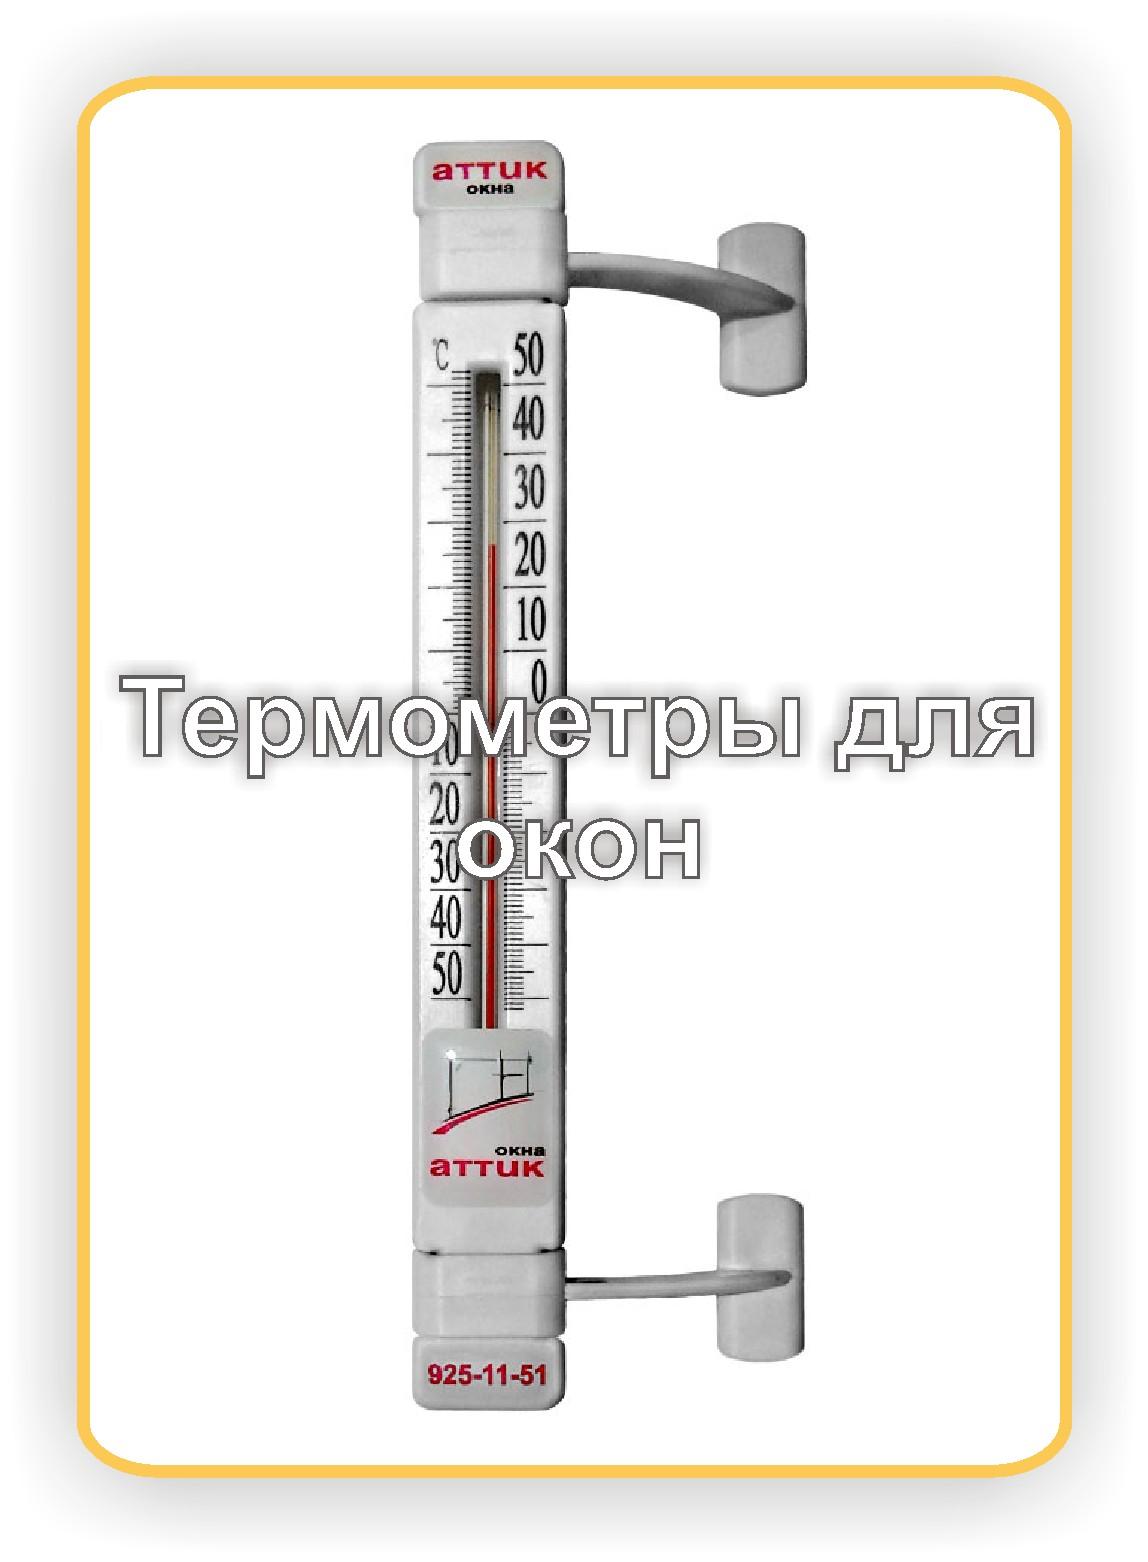 Нанесение рекламы на термометры для окон с логотипом